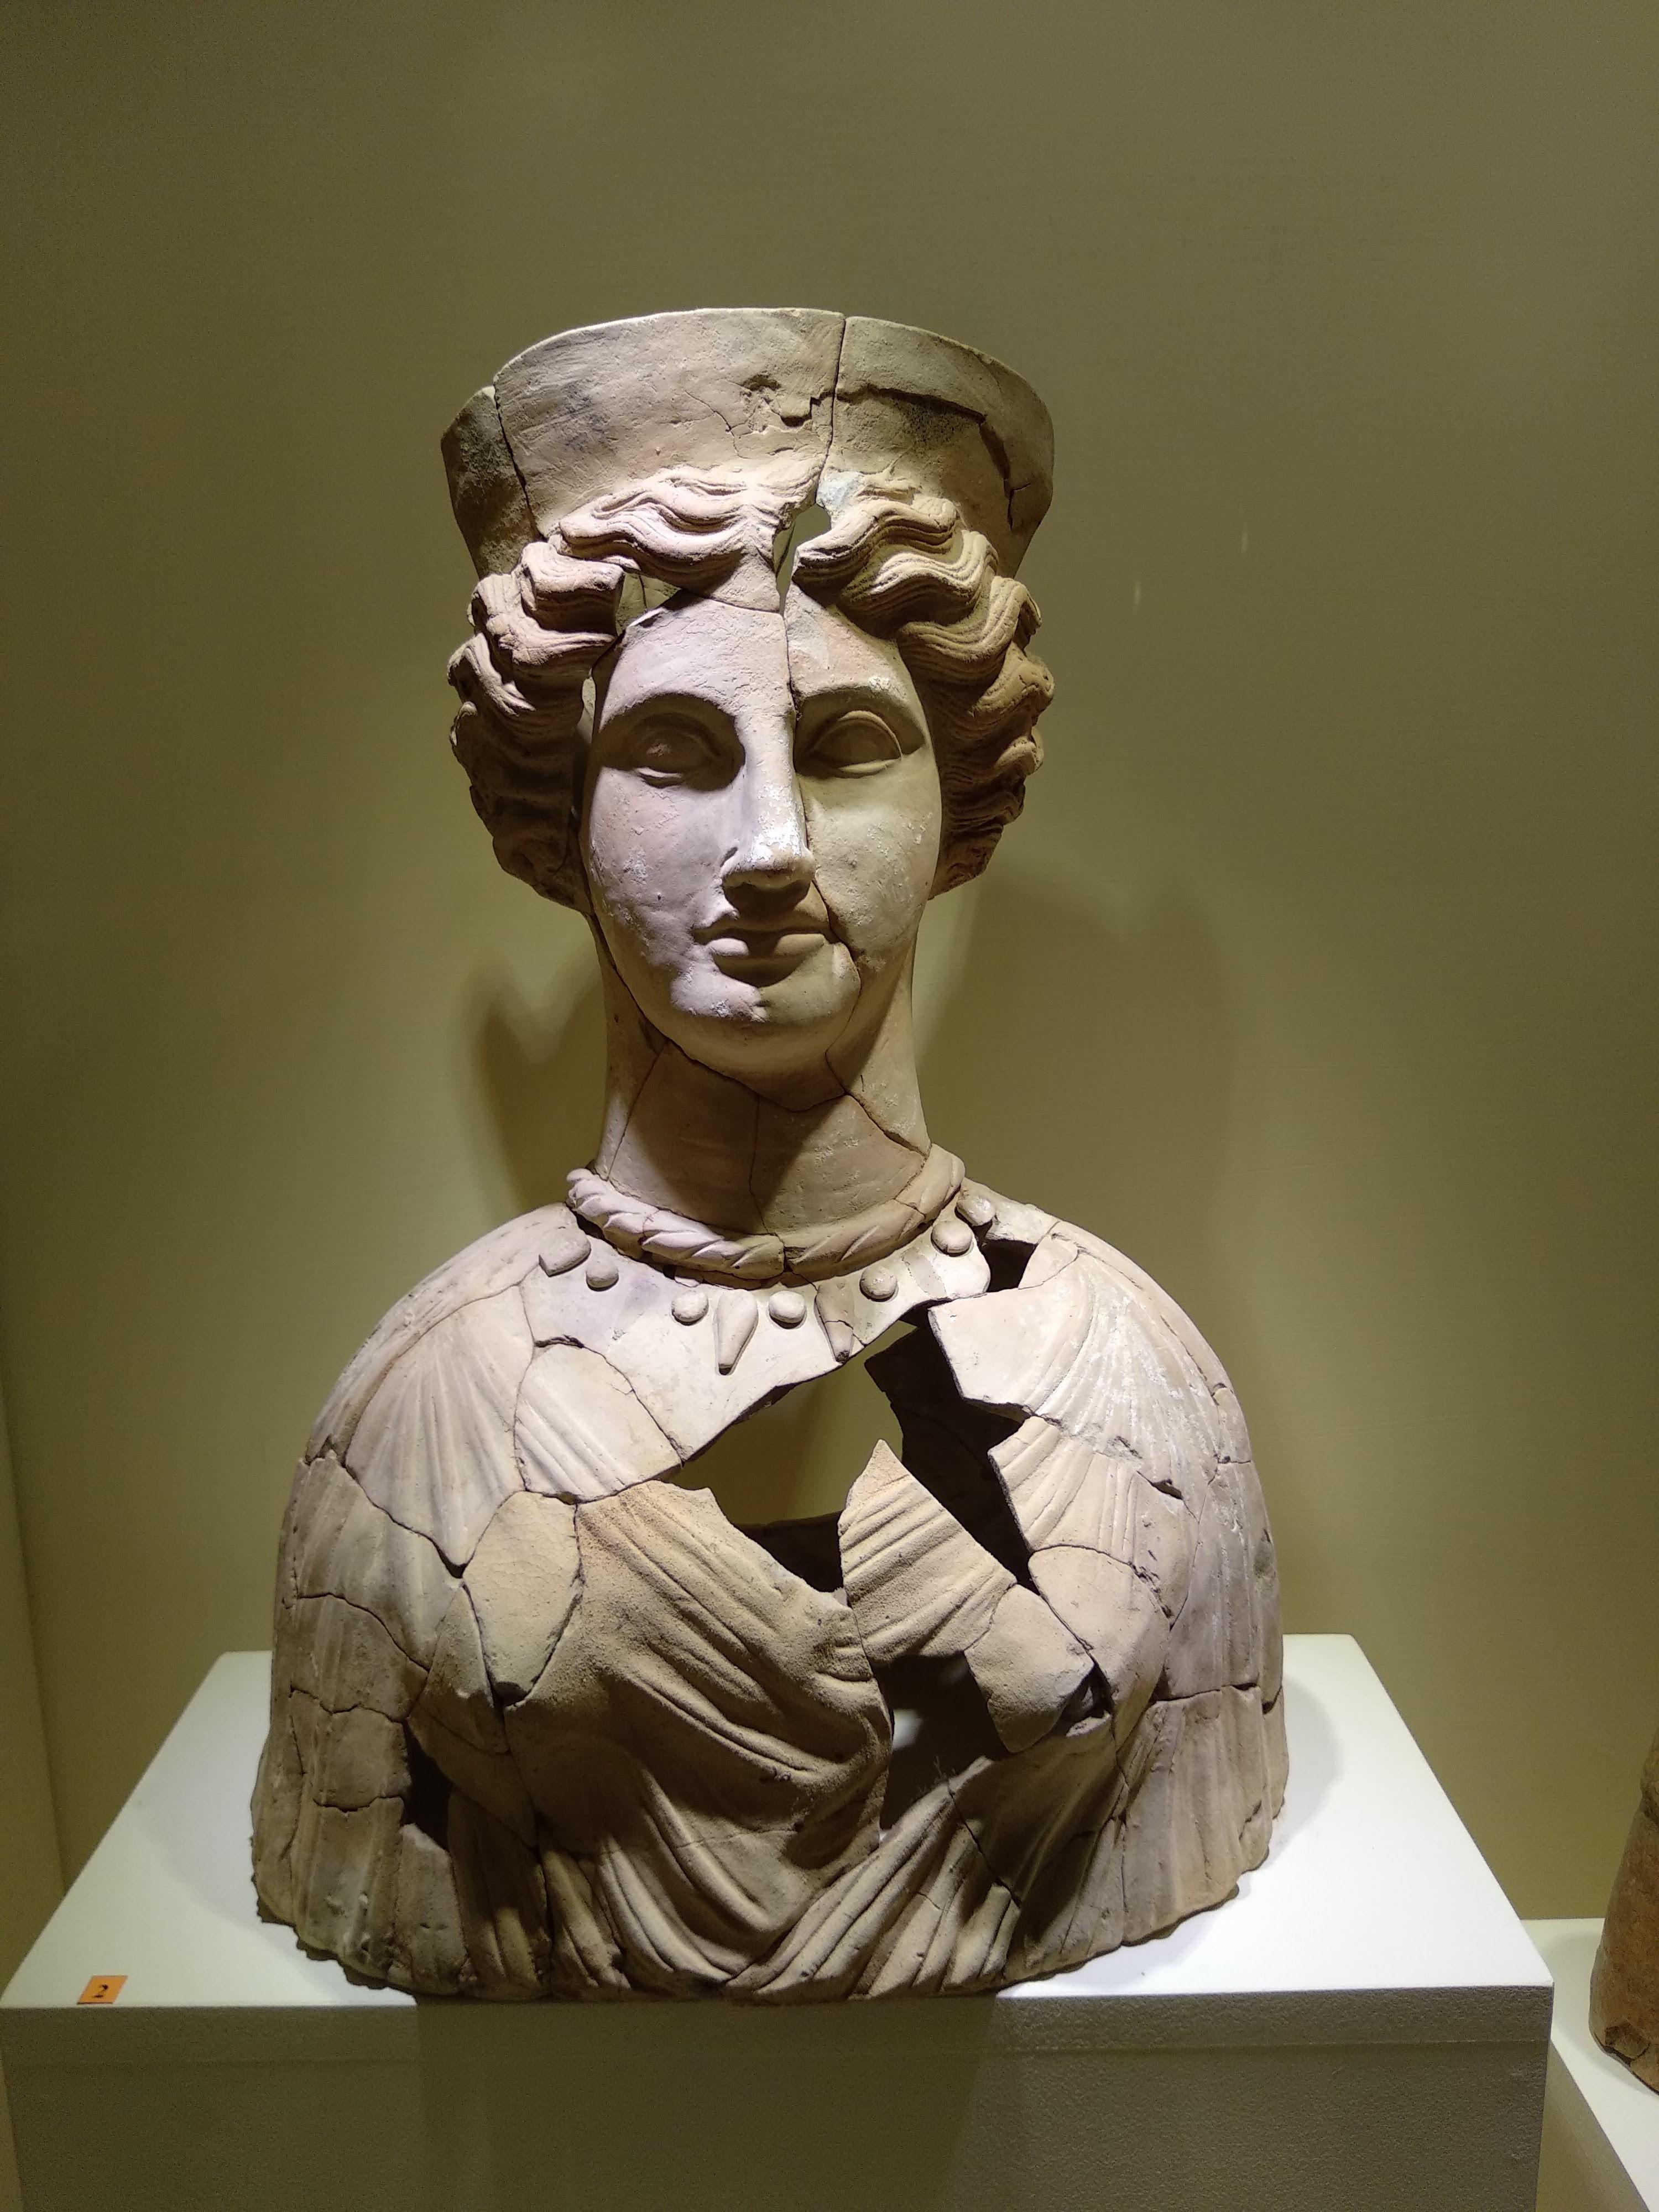 Busto di divinità femminile in terracotta. Metà del IV secolo a.c.. Krimisa (Cirò Marina, località Taverna)